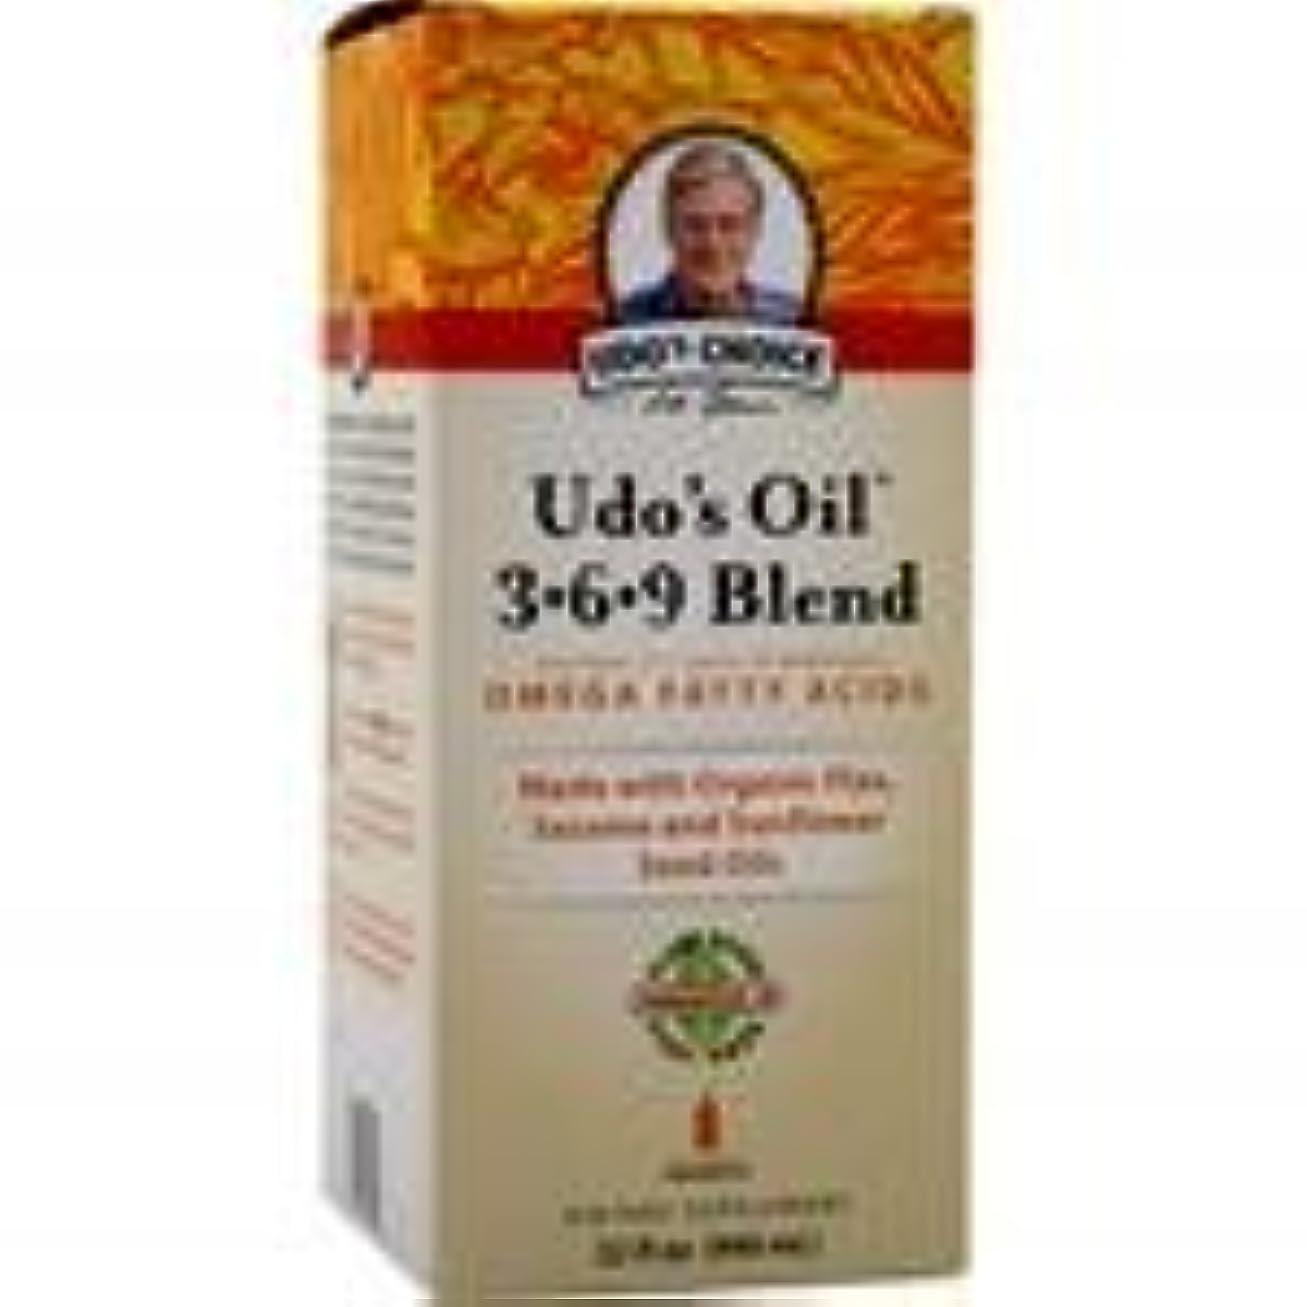 図唇強いますUdo's Oil 3-6-9 Blend Liquid 32 fl.oz 2個パック